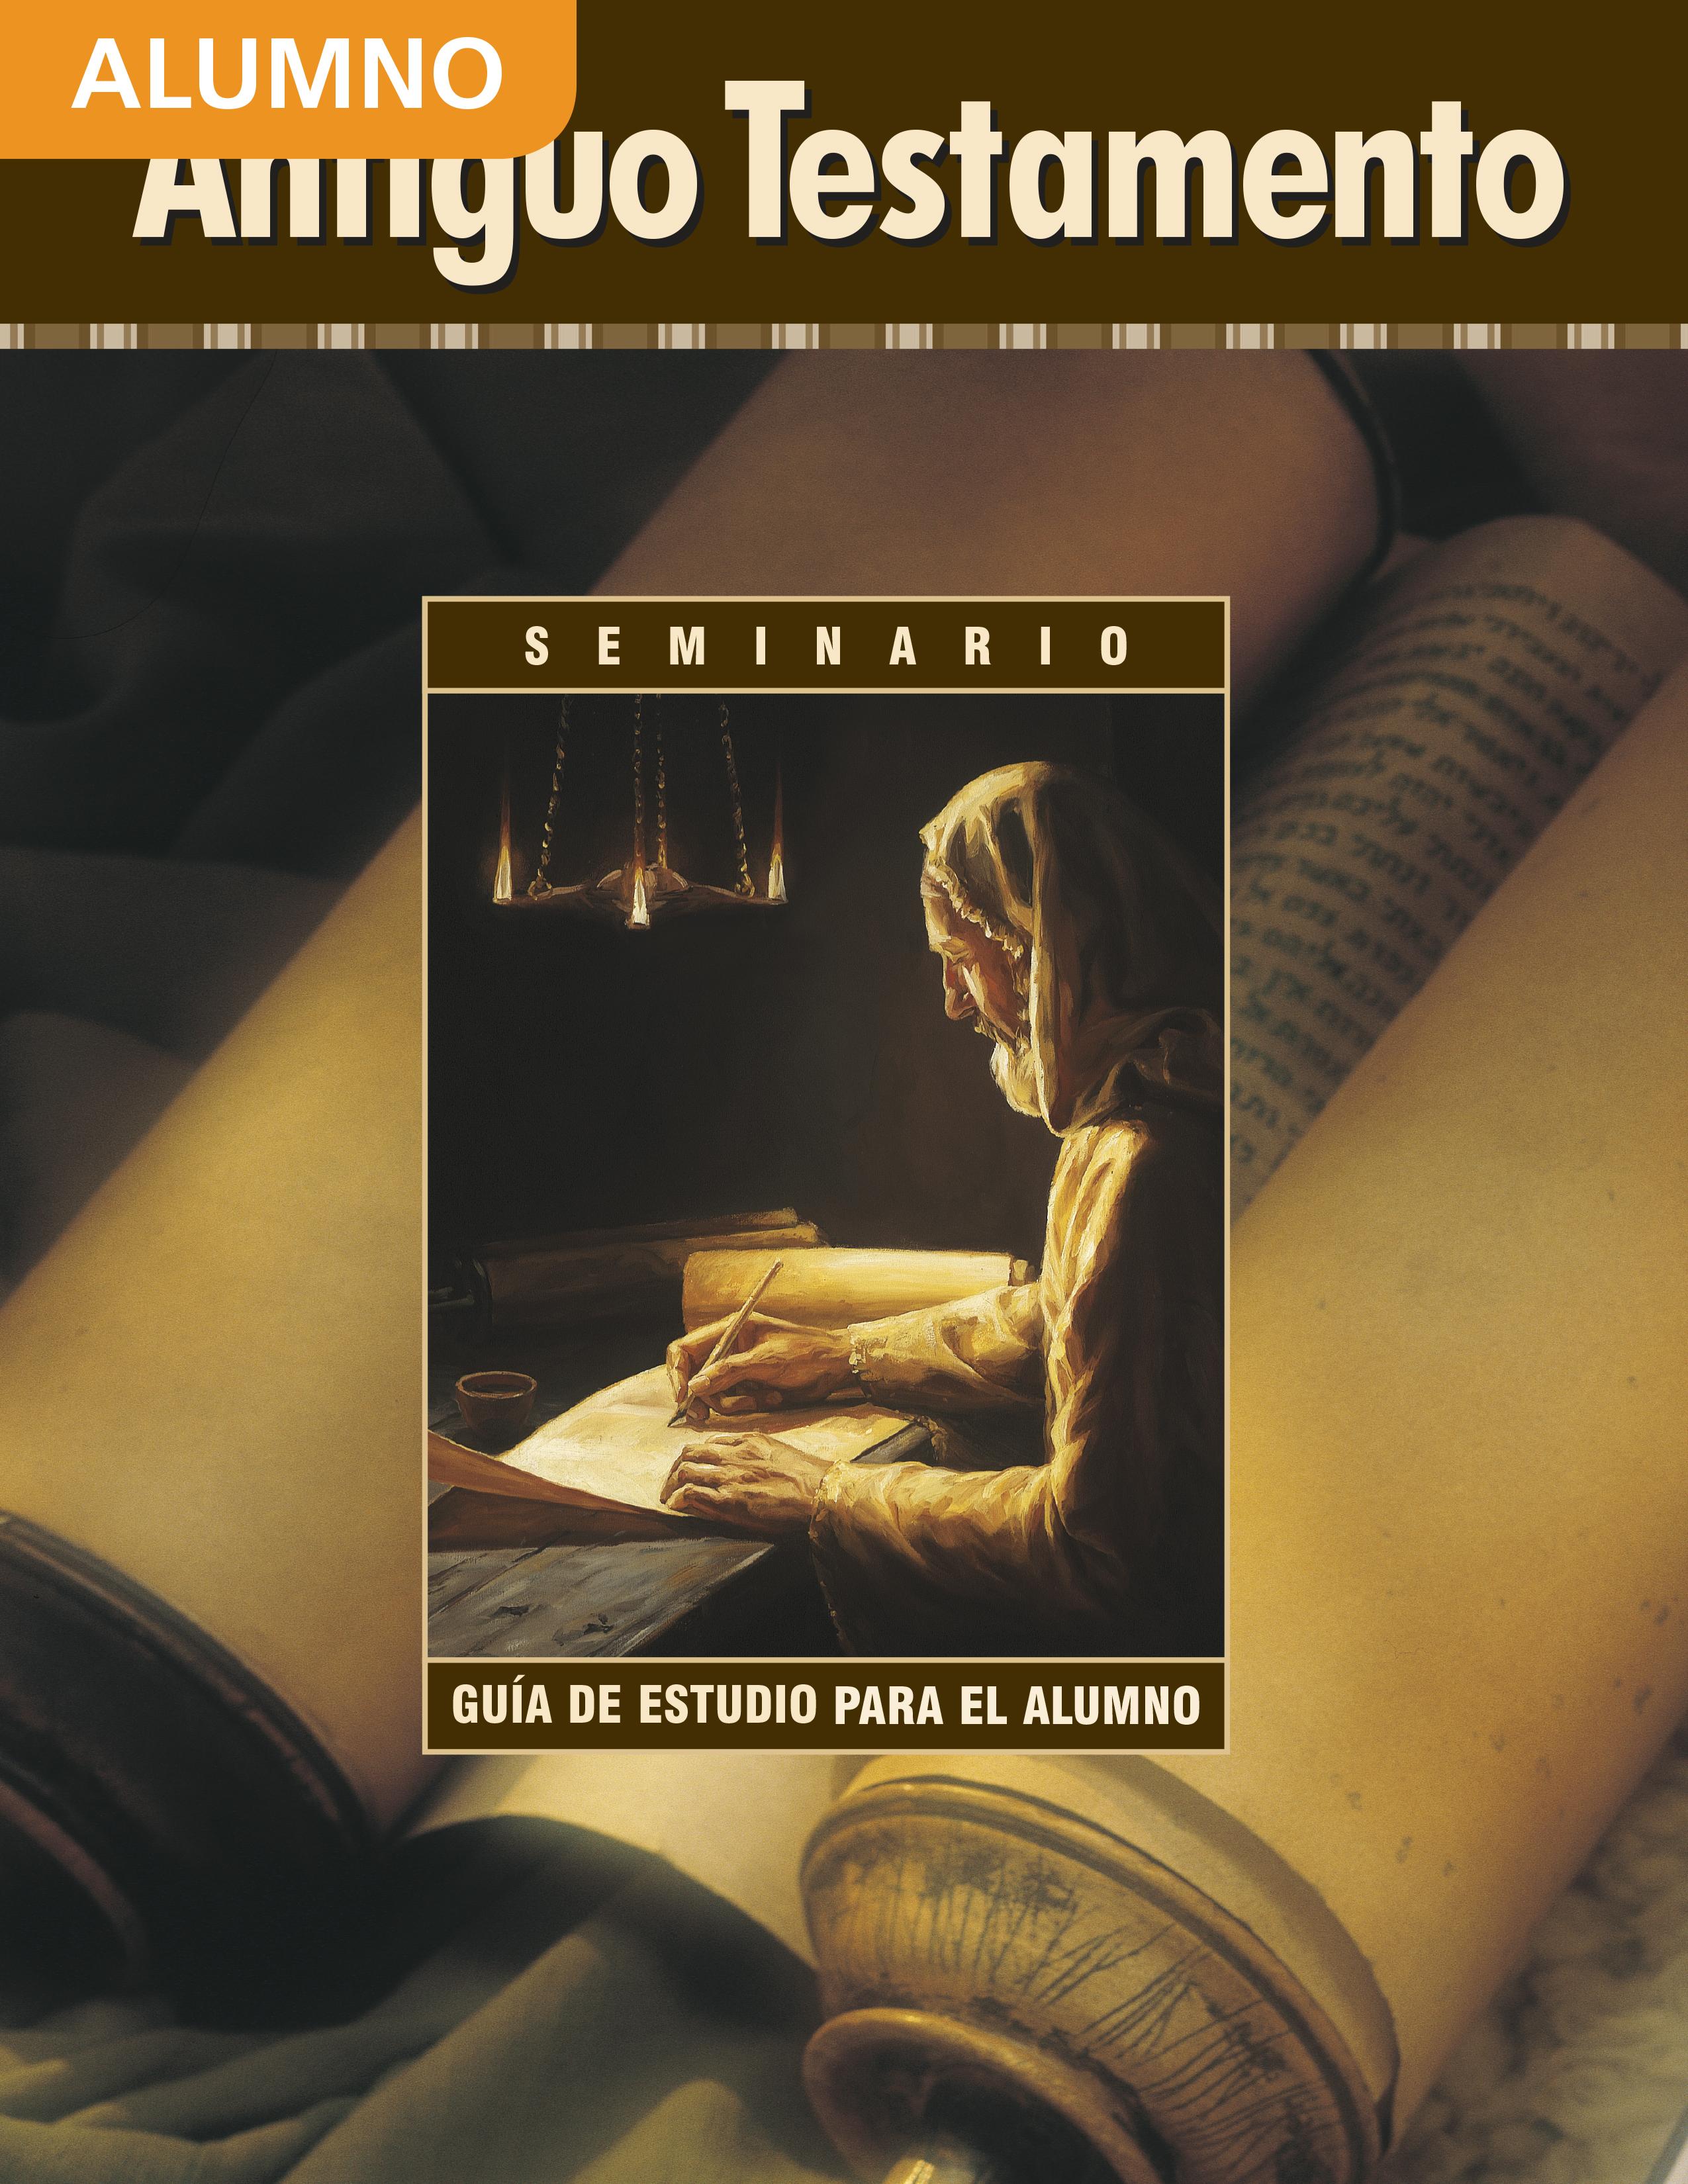 El Antiguo Testamento: Guía de estudio para el alumno de Seminario